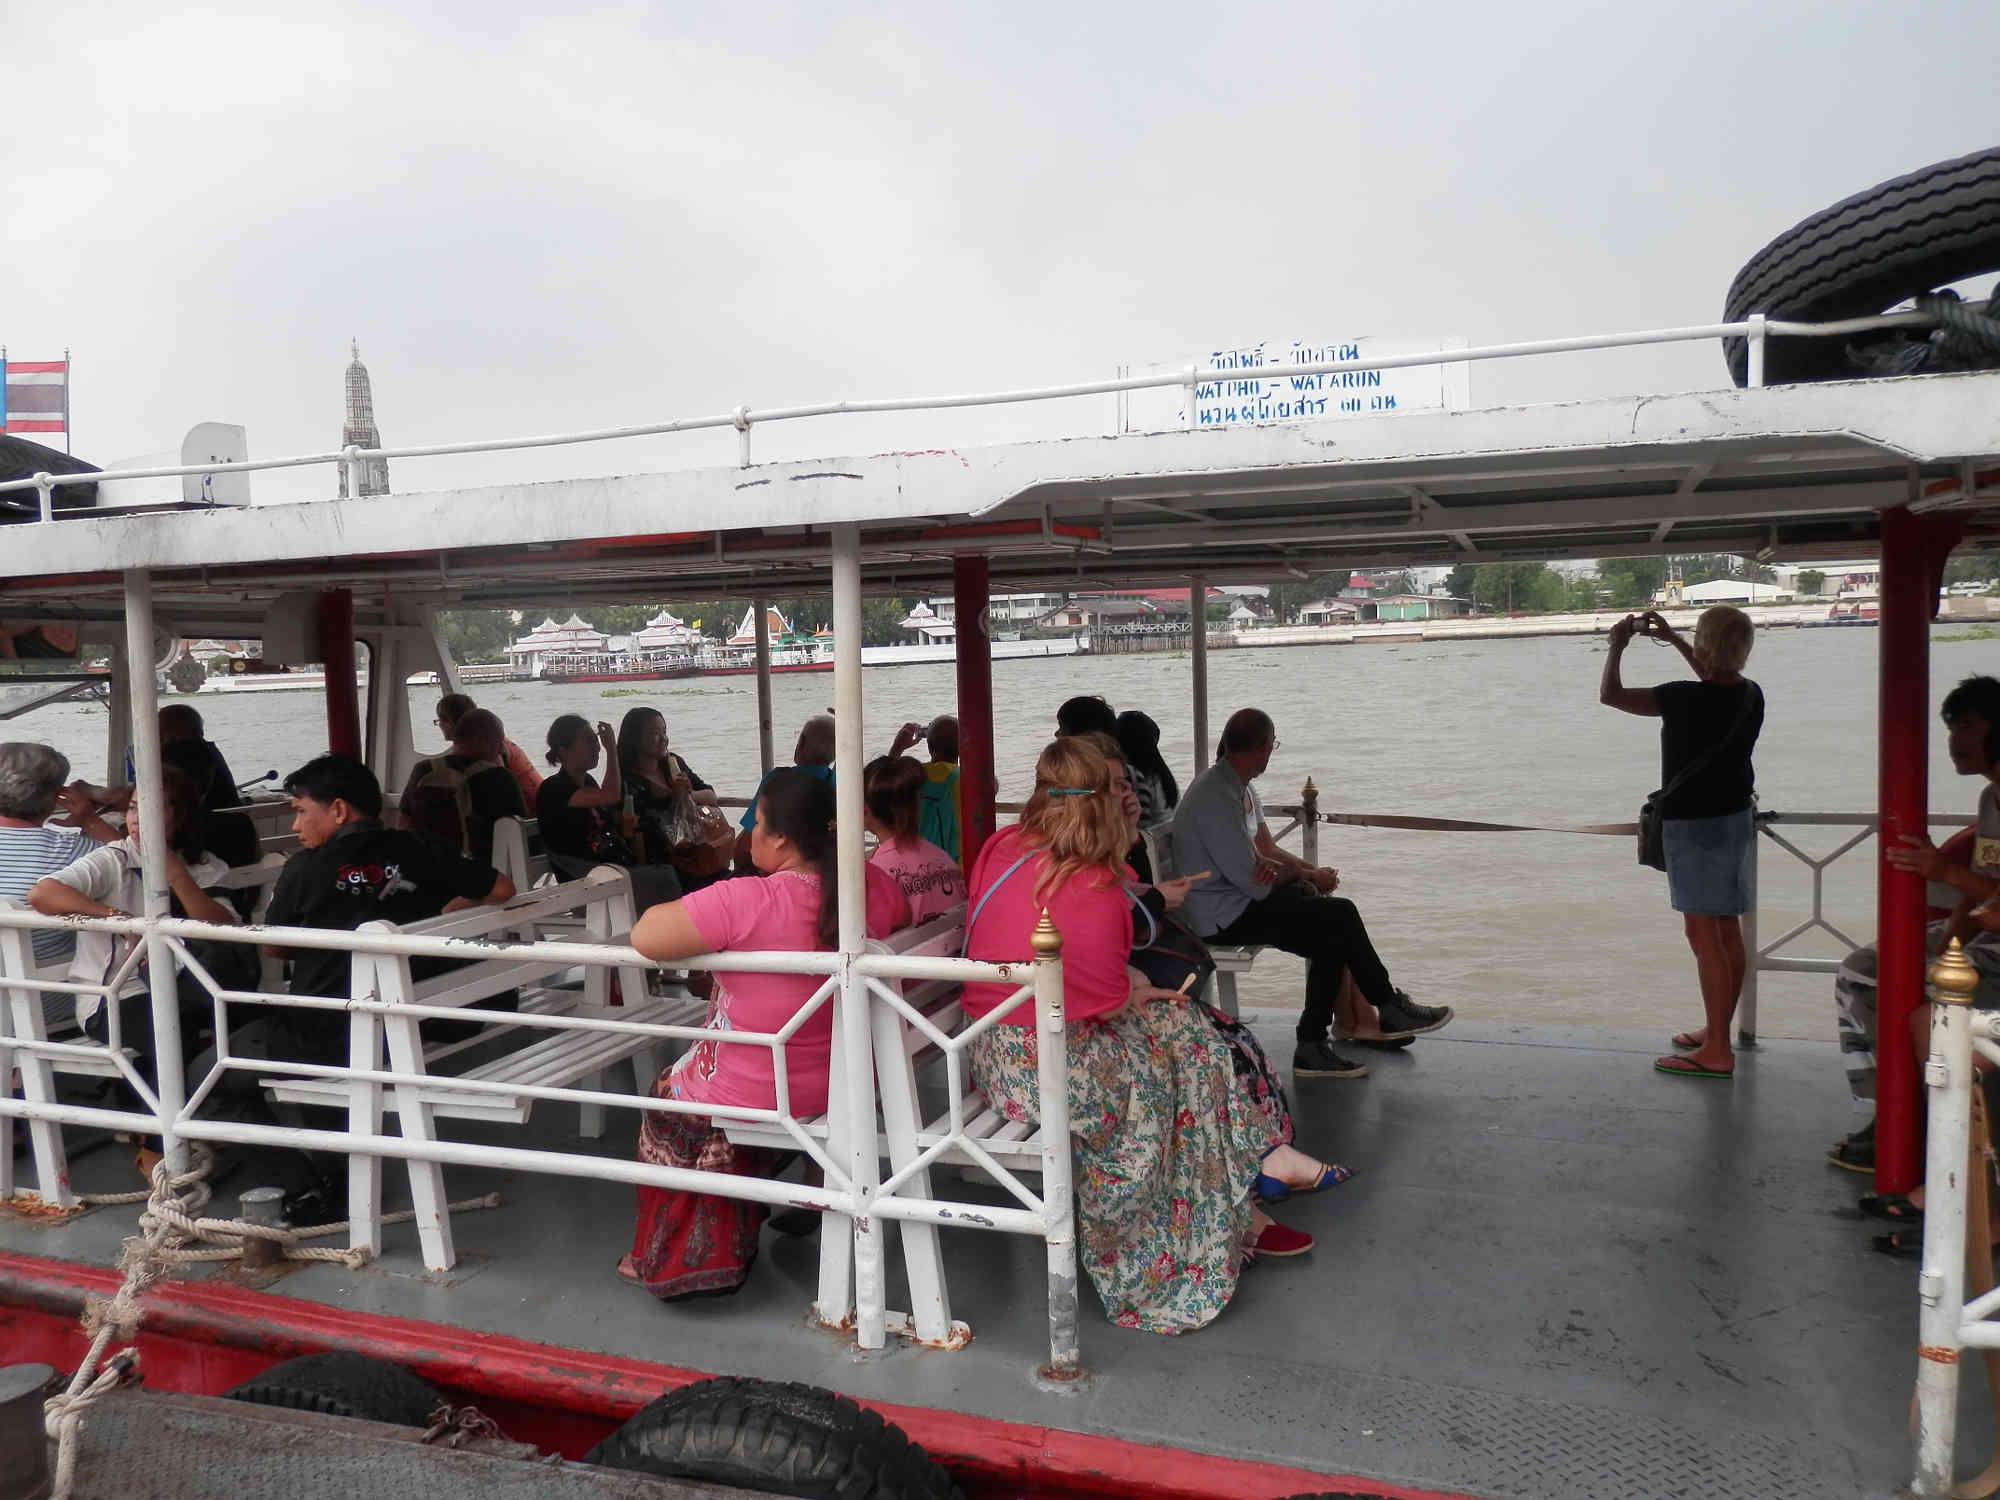 ワット・アルンへのチャオプラヤー川 渡し船